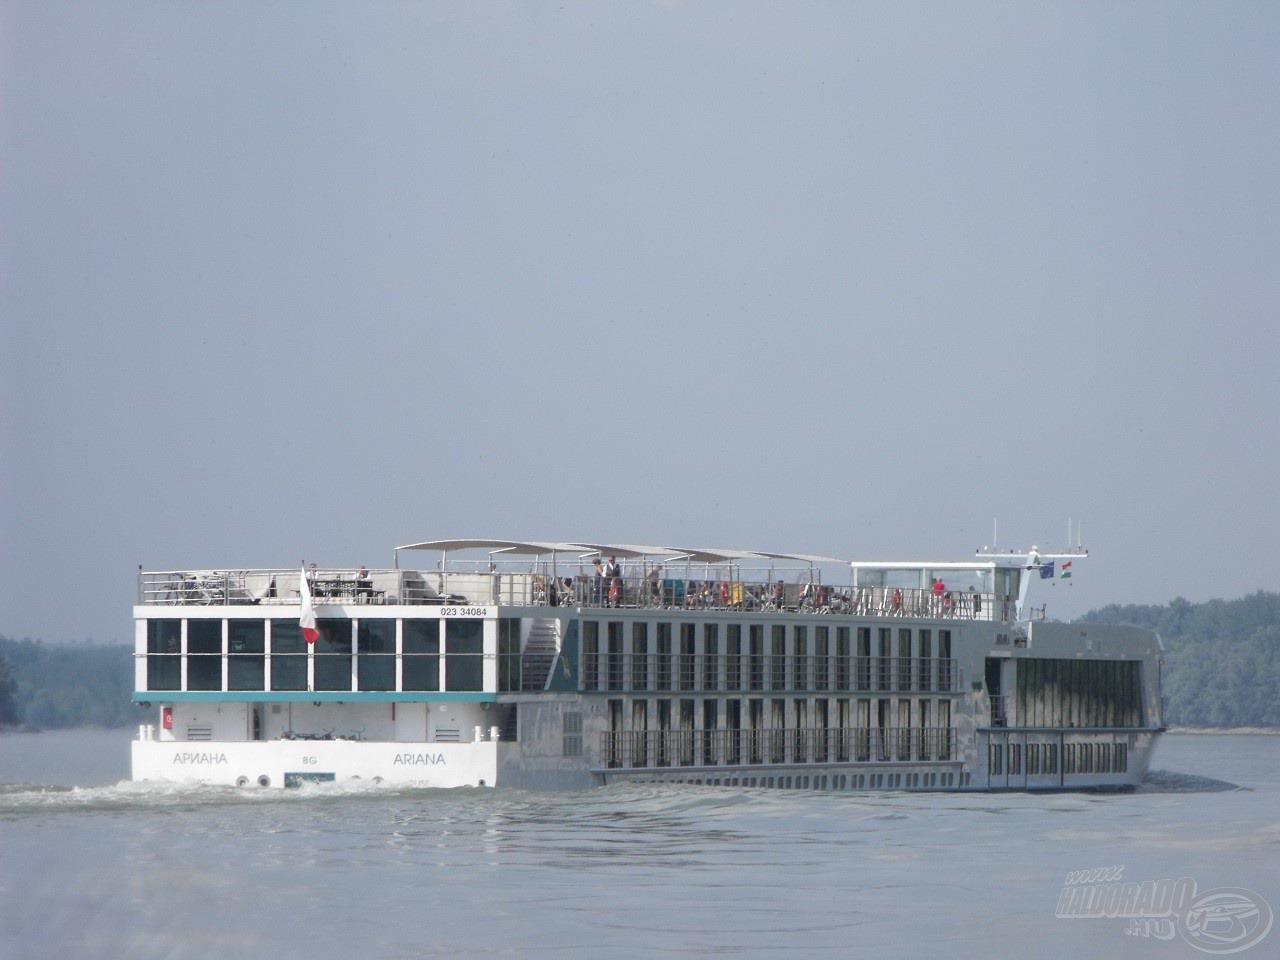 Szerencsére még időben sikerült minden felszerelést biztonságba helyeznem, mielőtt a hajó keltette hatalmas hullámok ideértek